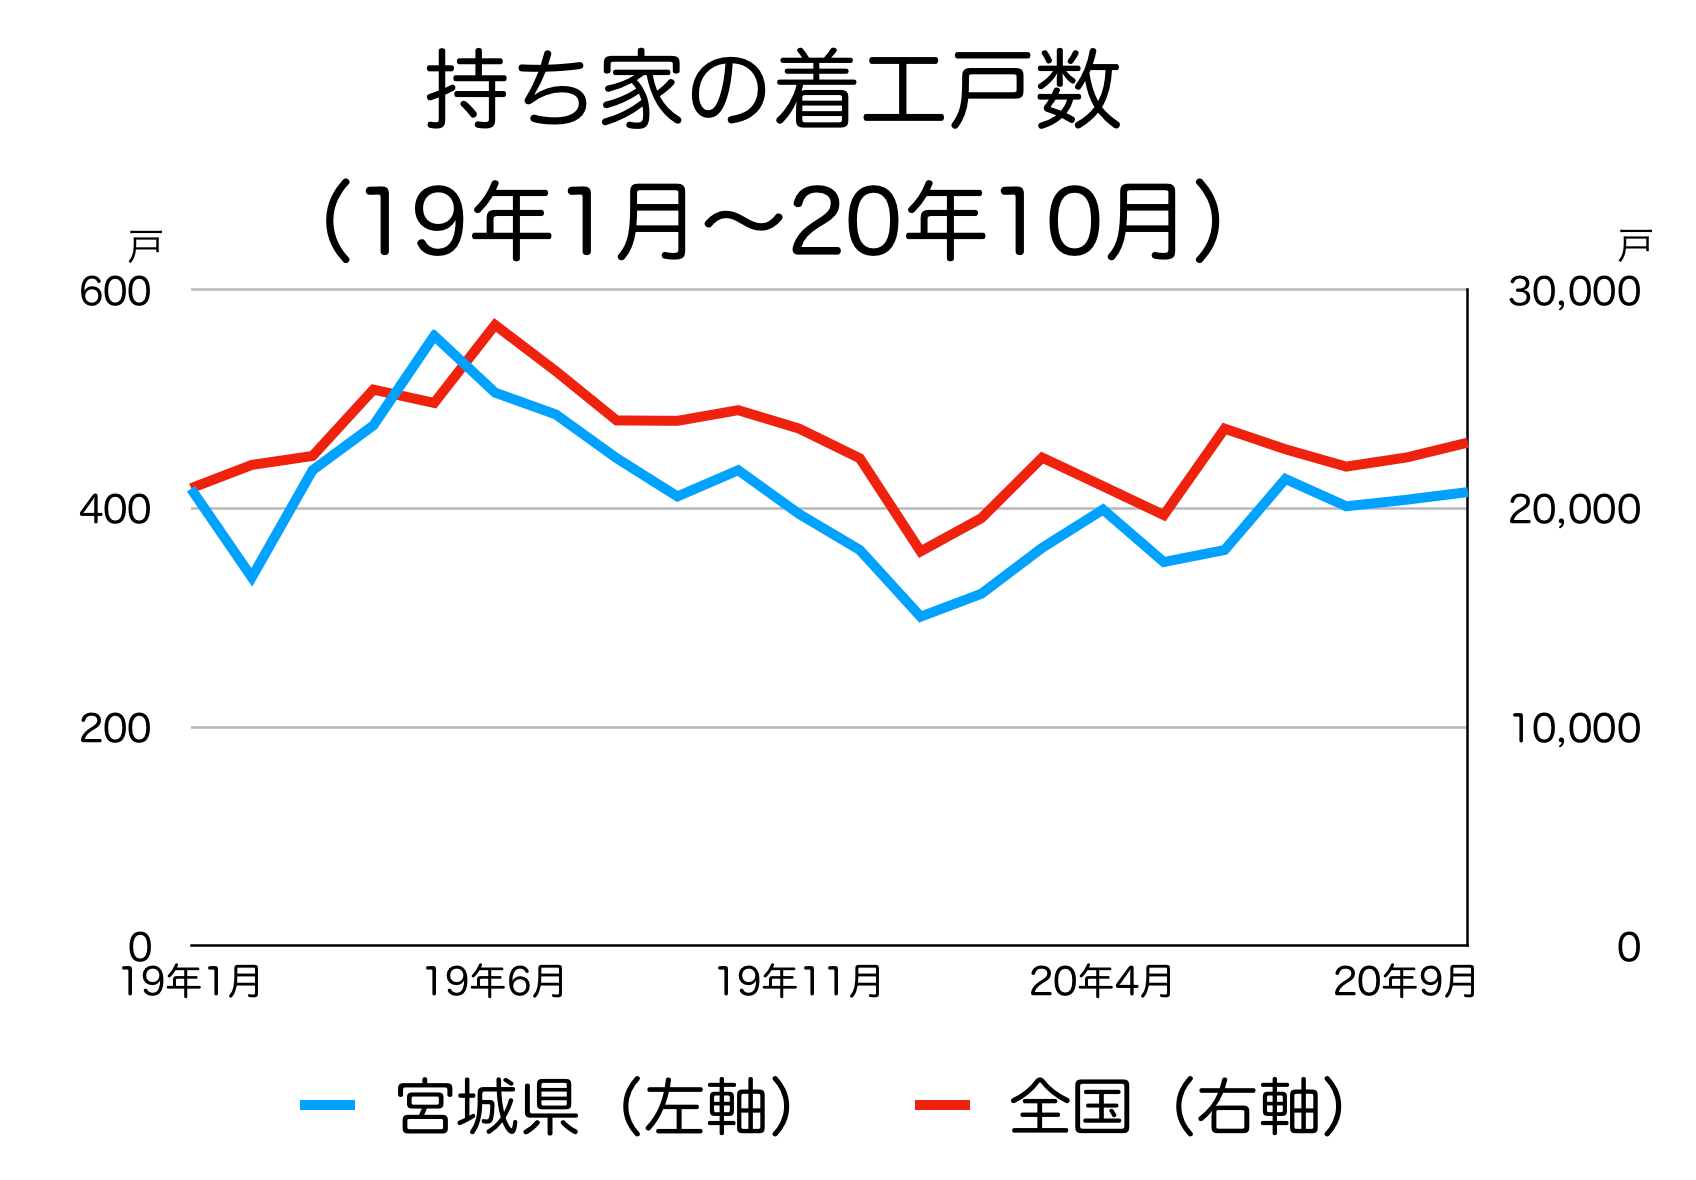 宮城県の新築着工統計